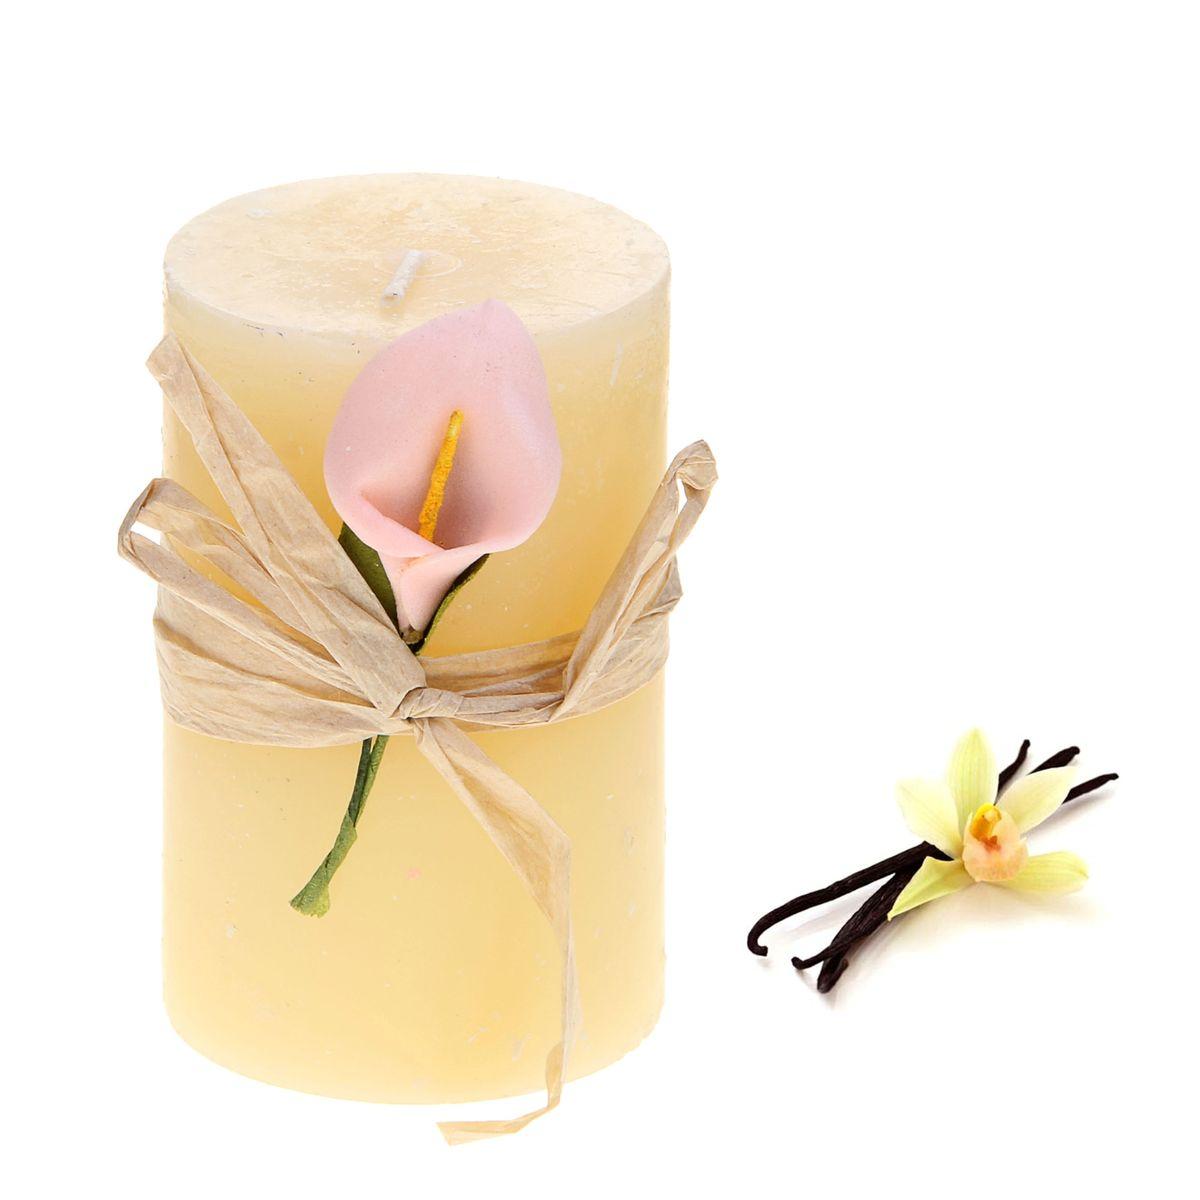 Свеча ароматизированная Sima-land Ваниль, высота 7 см849530Ароматизированная свеча Sima-land Ваниль изготовлена из воска и оформлена декоративным цветком. Изделие отличается оригинальным дизайном и приятным ароматом ванили. Такая свеча может стать отличным подарком или дополнить интерьер вашей комнаты.